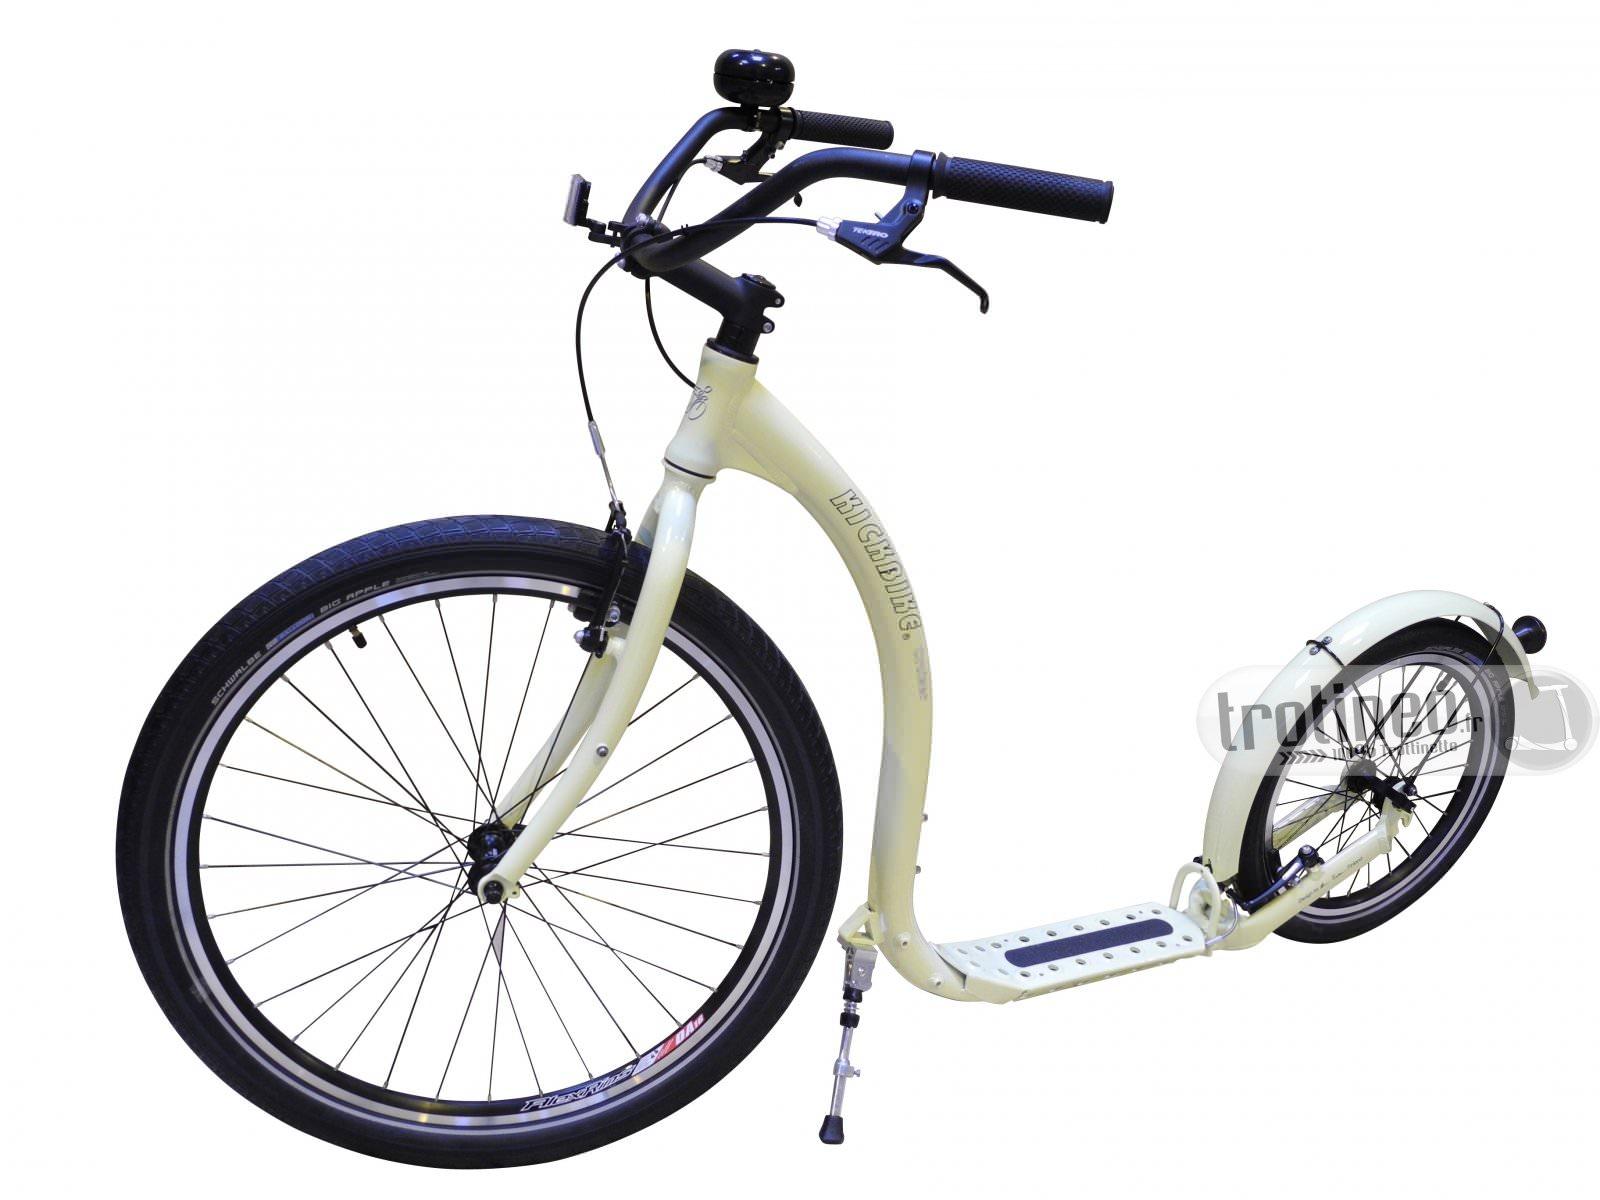 kickbike_cruisemax_creme_01